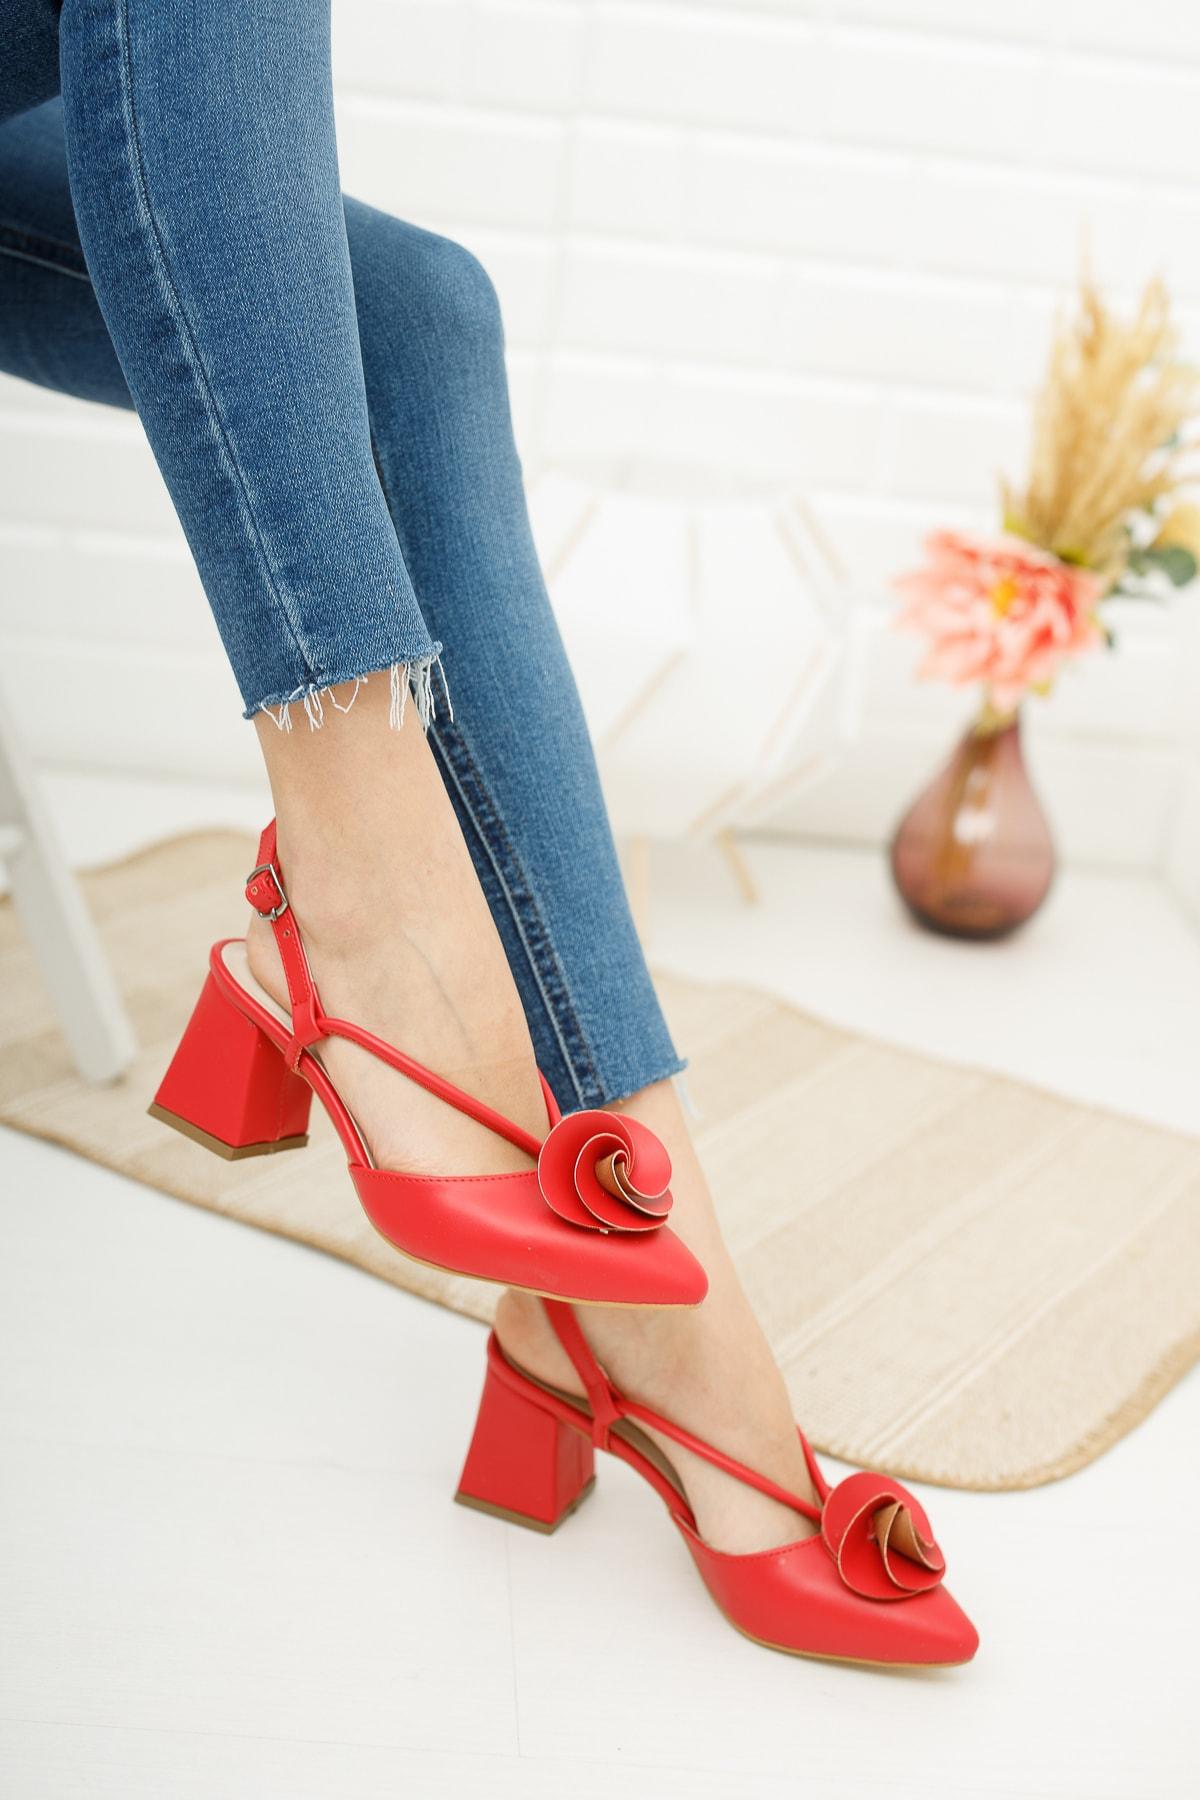 Kadın  Kırmızı Cilt Gül Fiyonklu Topuklu Ayakkabı Md1042-119-0004